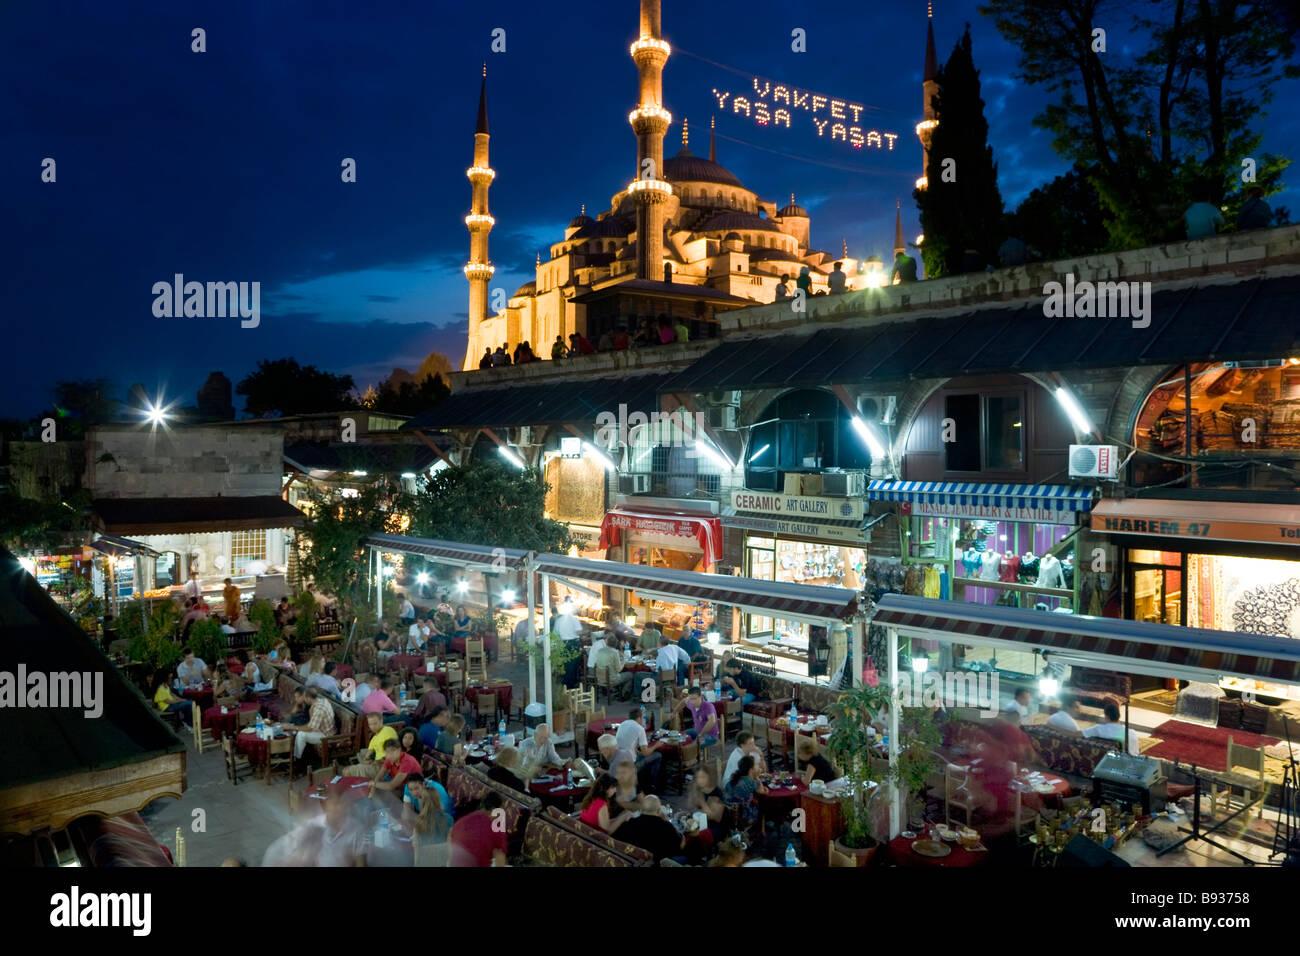 La Mosquée bleue ou la Mosquée Sultan Ahmet 16091616 restaurant Sultanahmet Istanbul Turquie Photo Stock